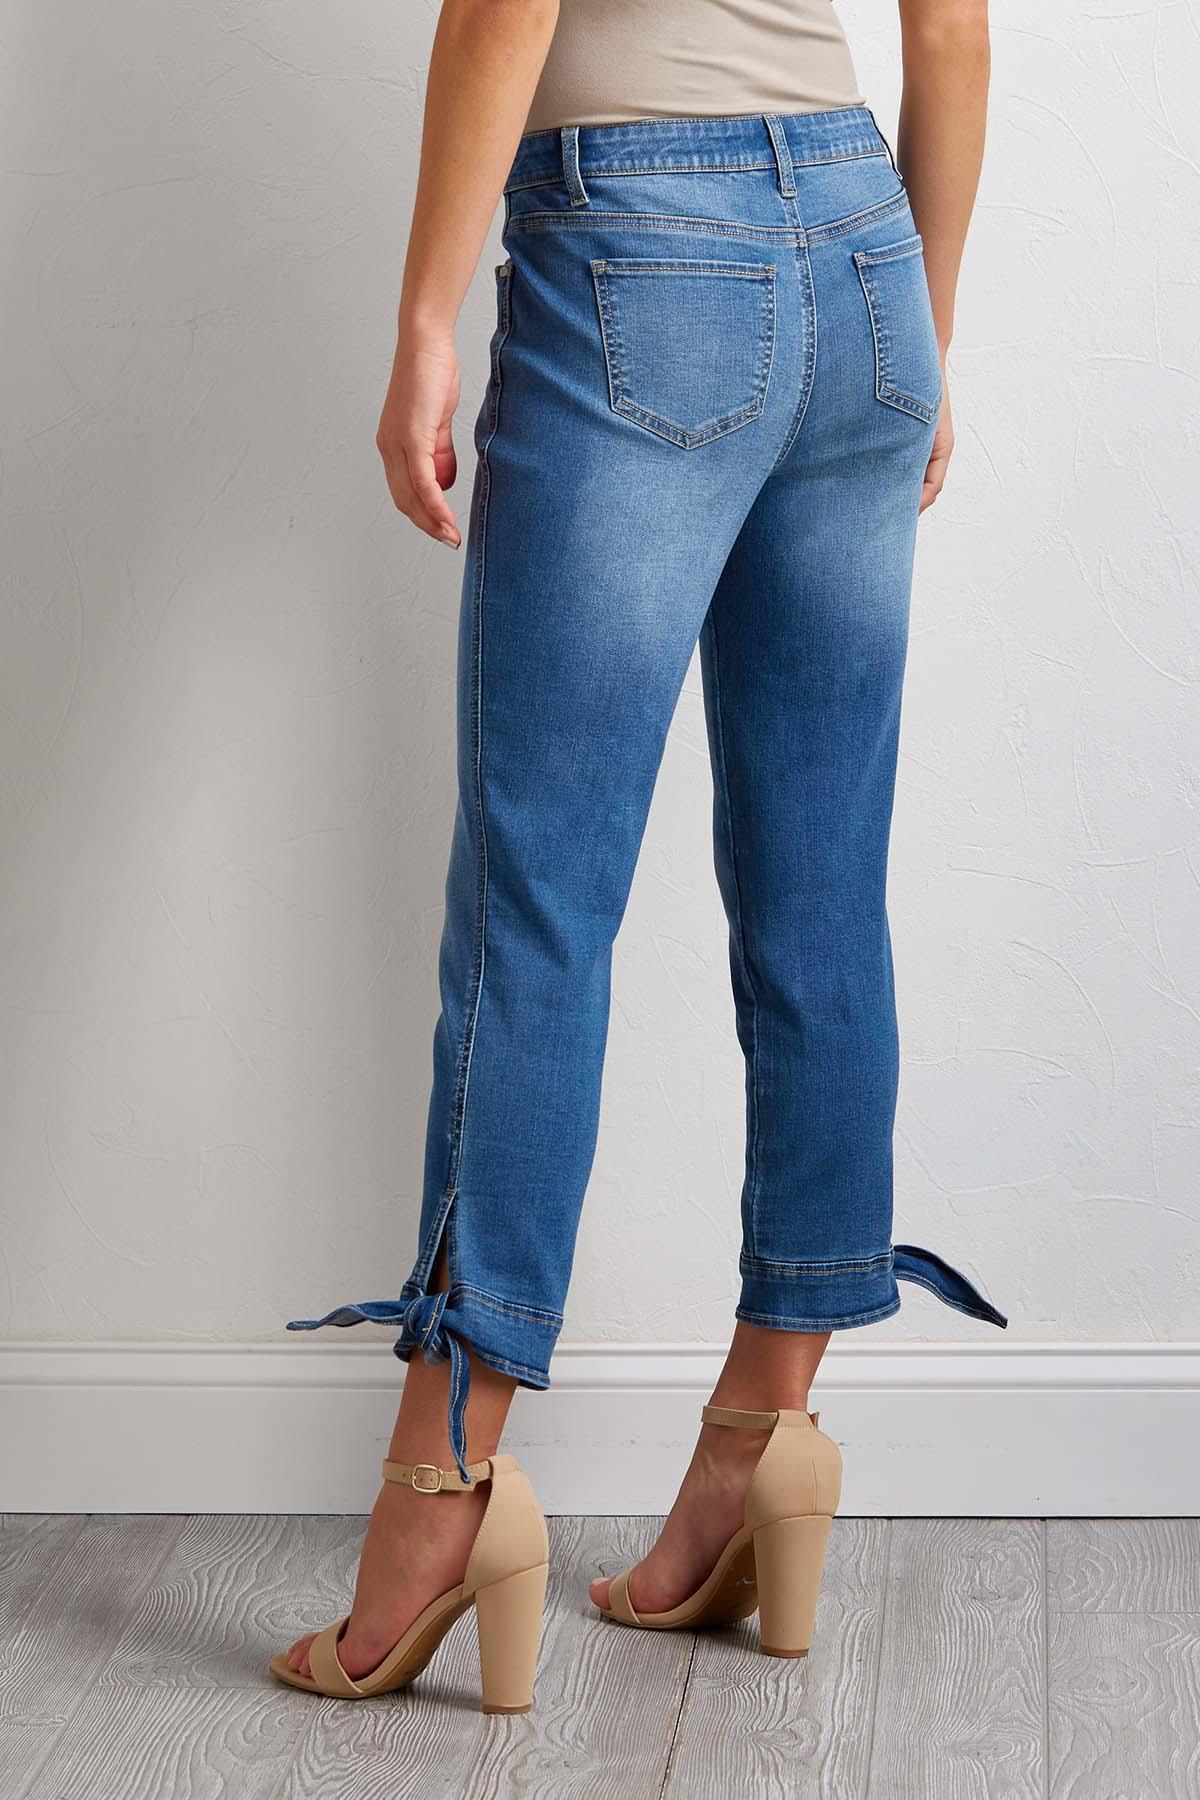 Cropped Tie Hem Jeans